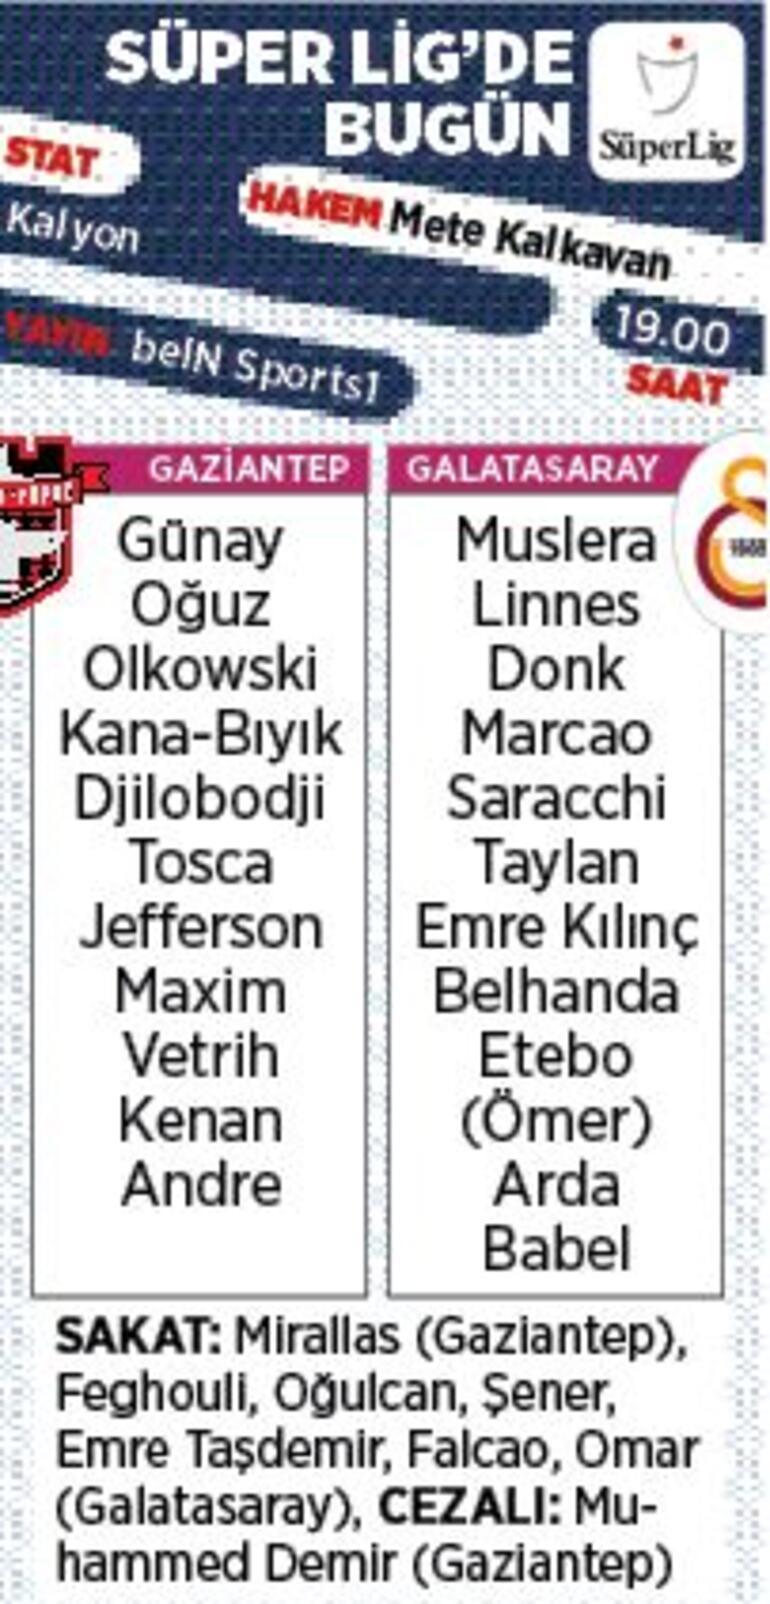 Son dakika - Galatasarayda Onyekuru ve Dervişoğlu kadroya alındı Muhtemel 11ler...